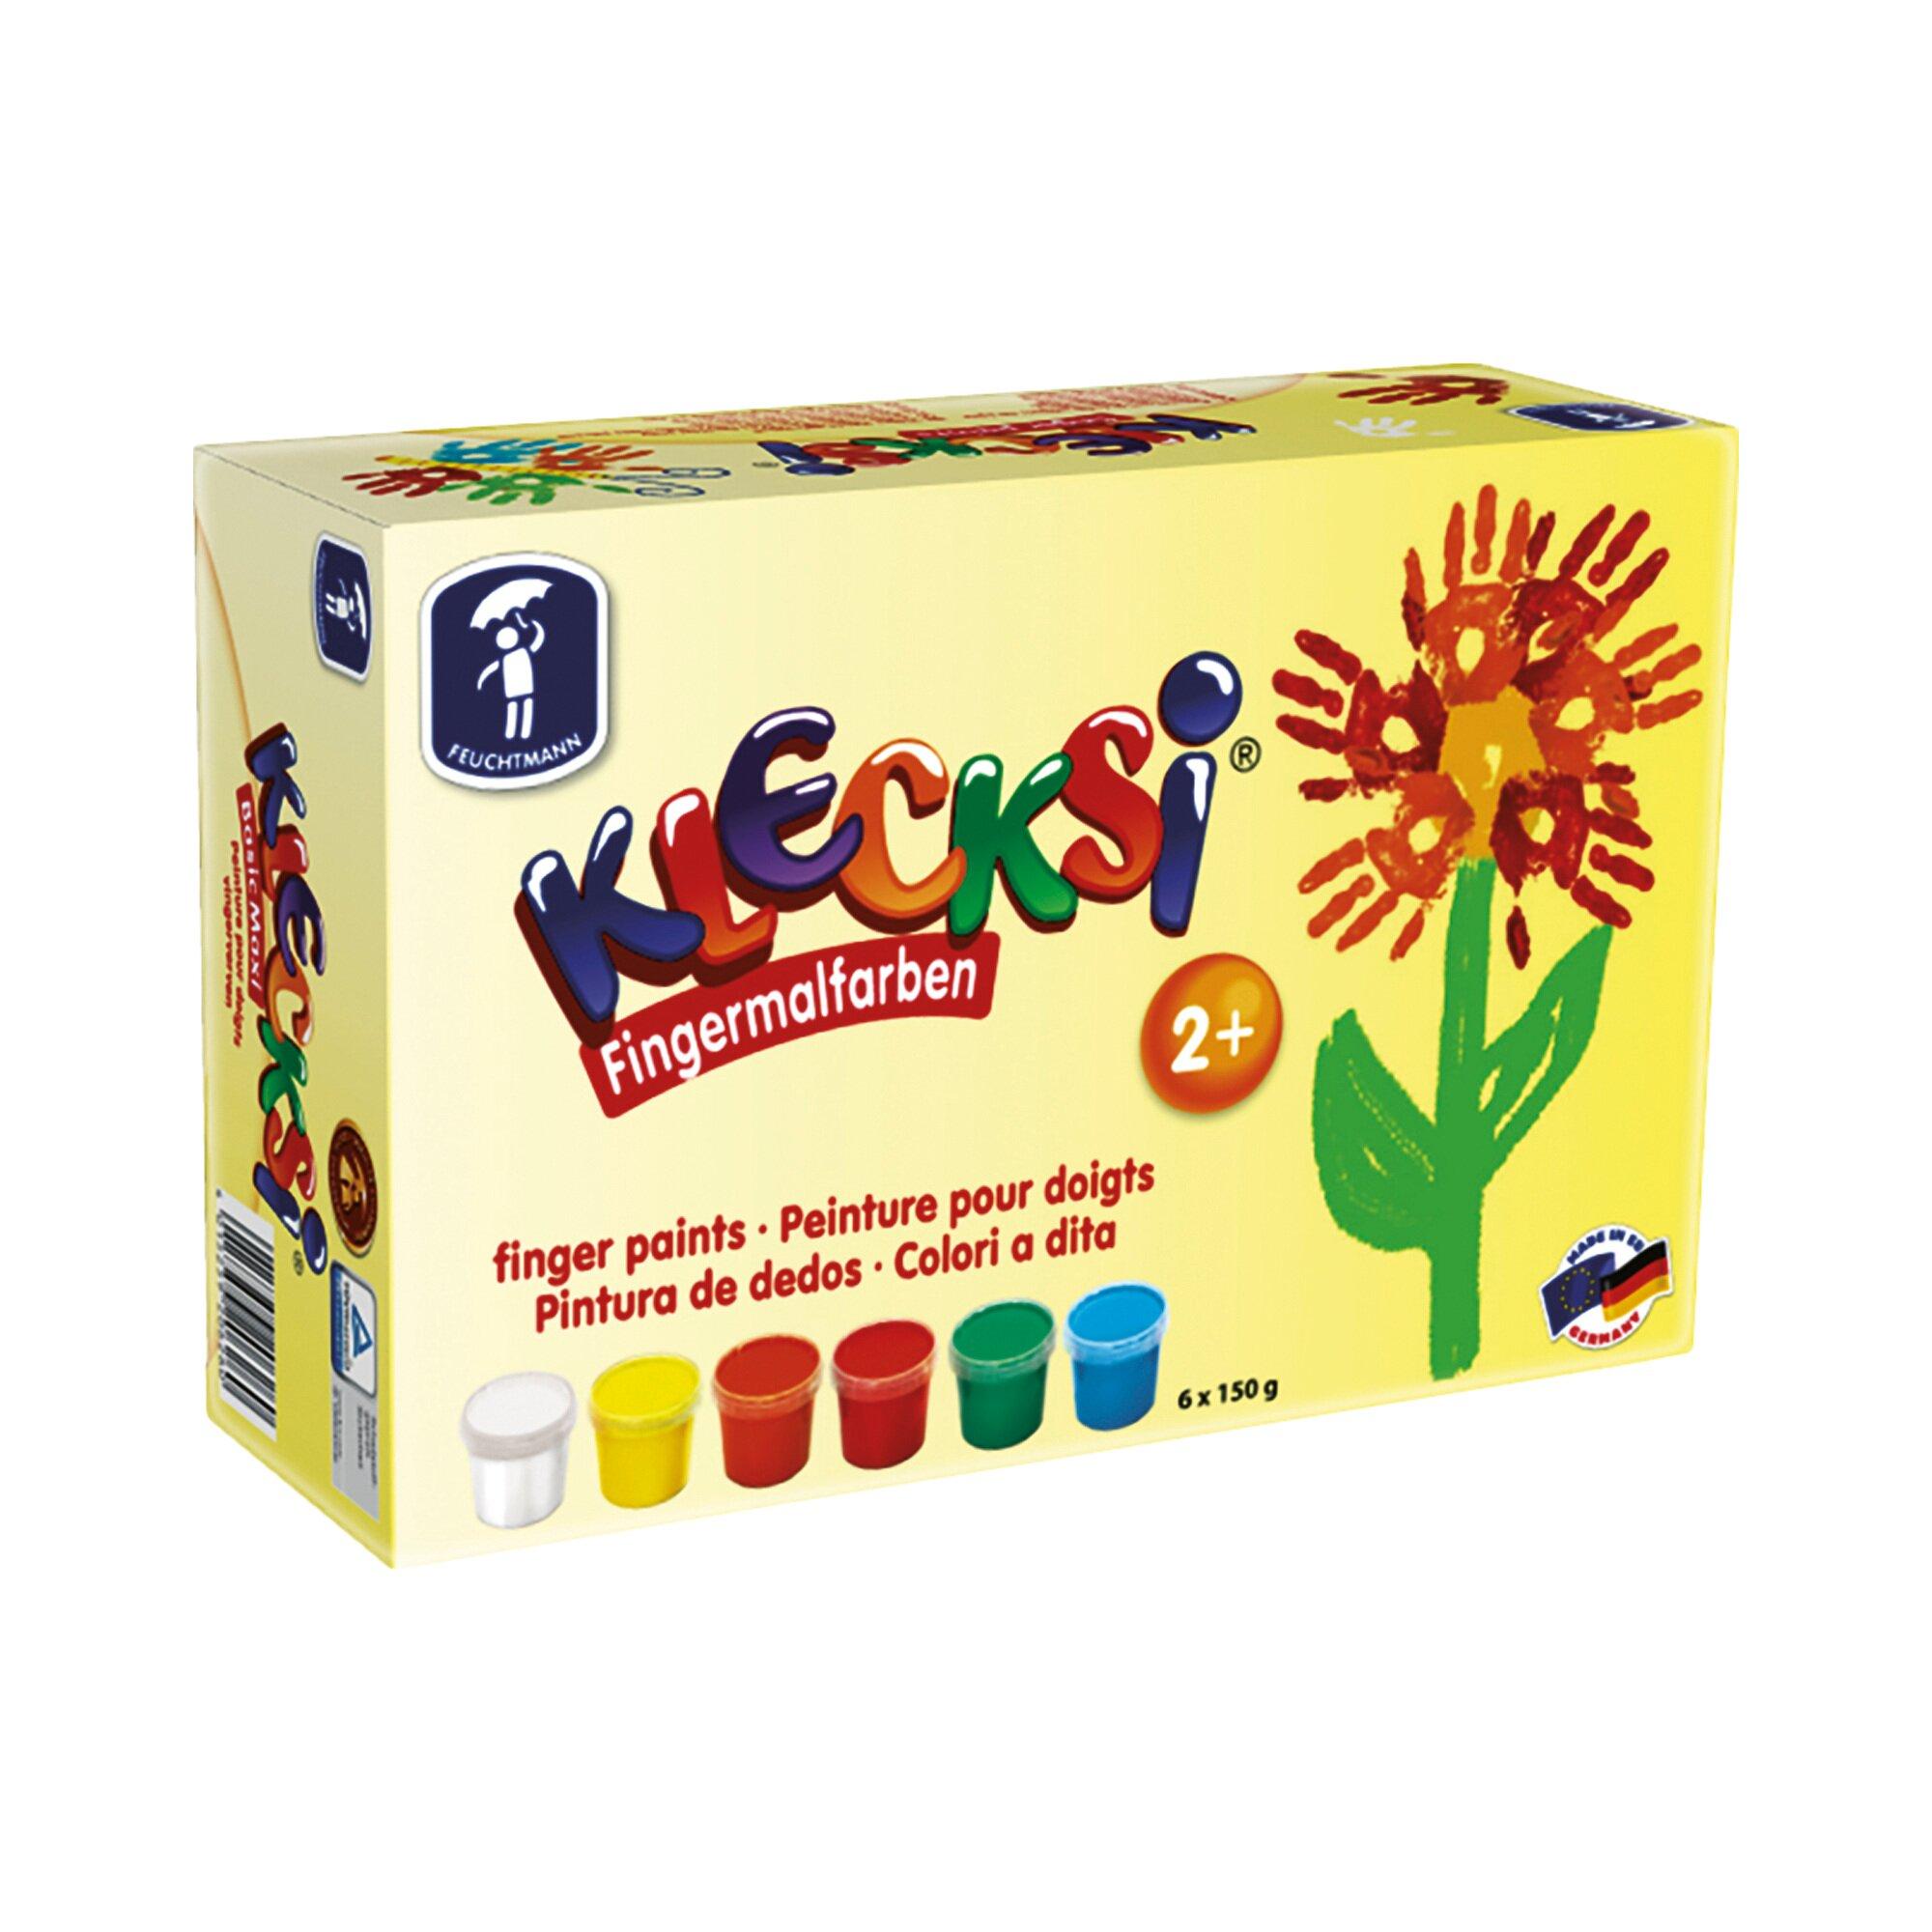 Feuchtmann 6er-Pack Fingermalfarben